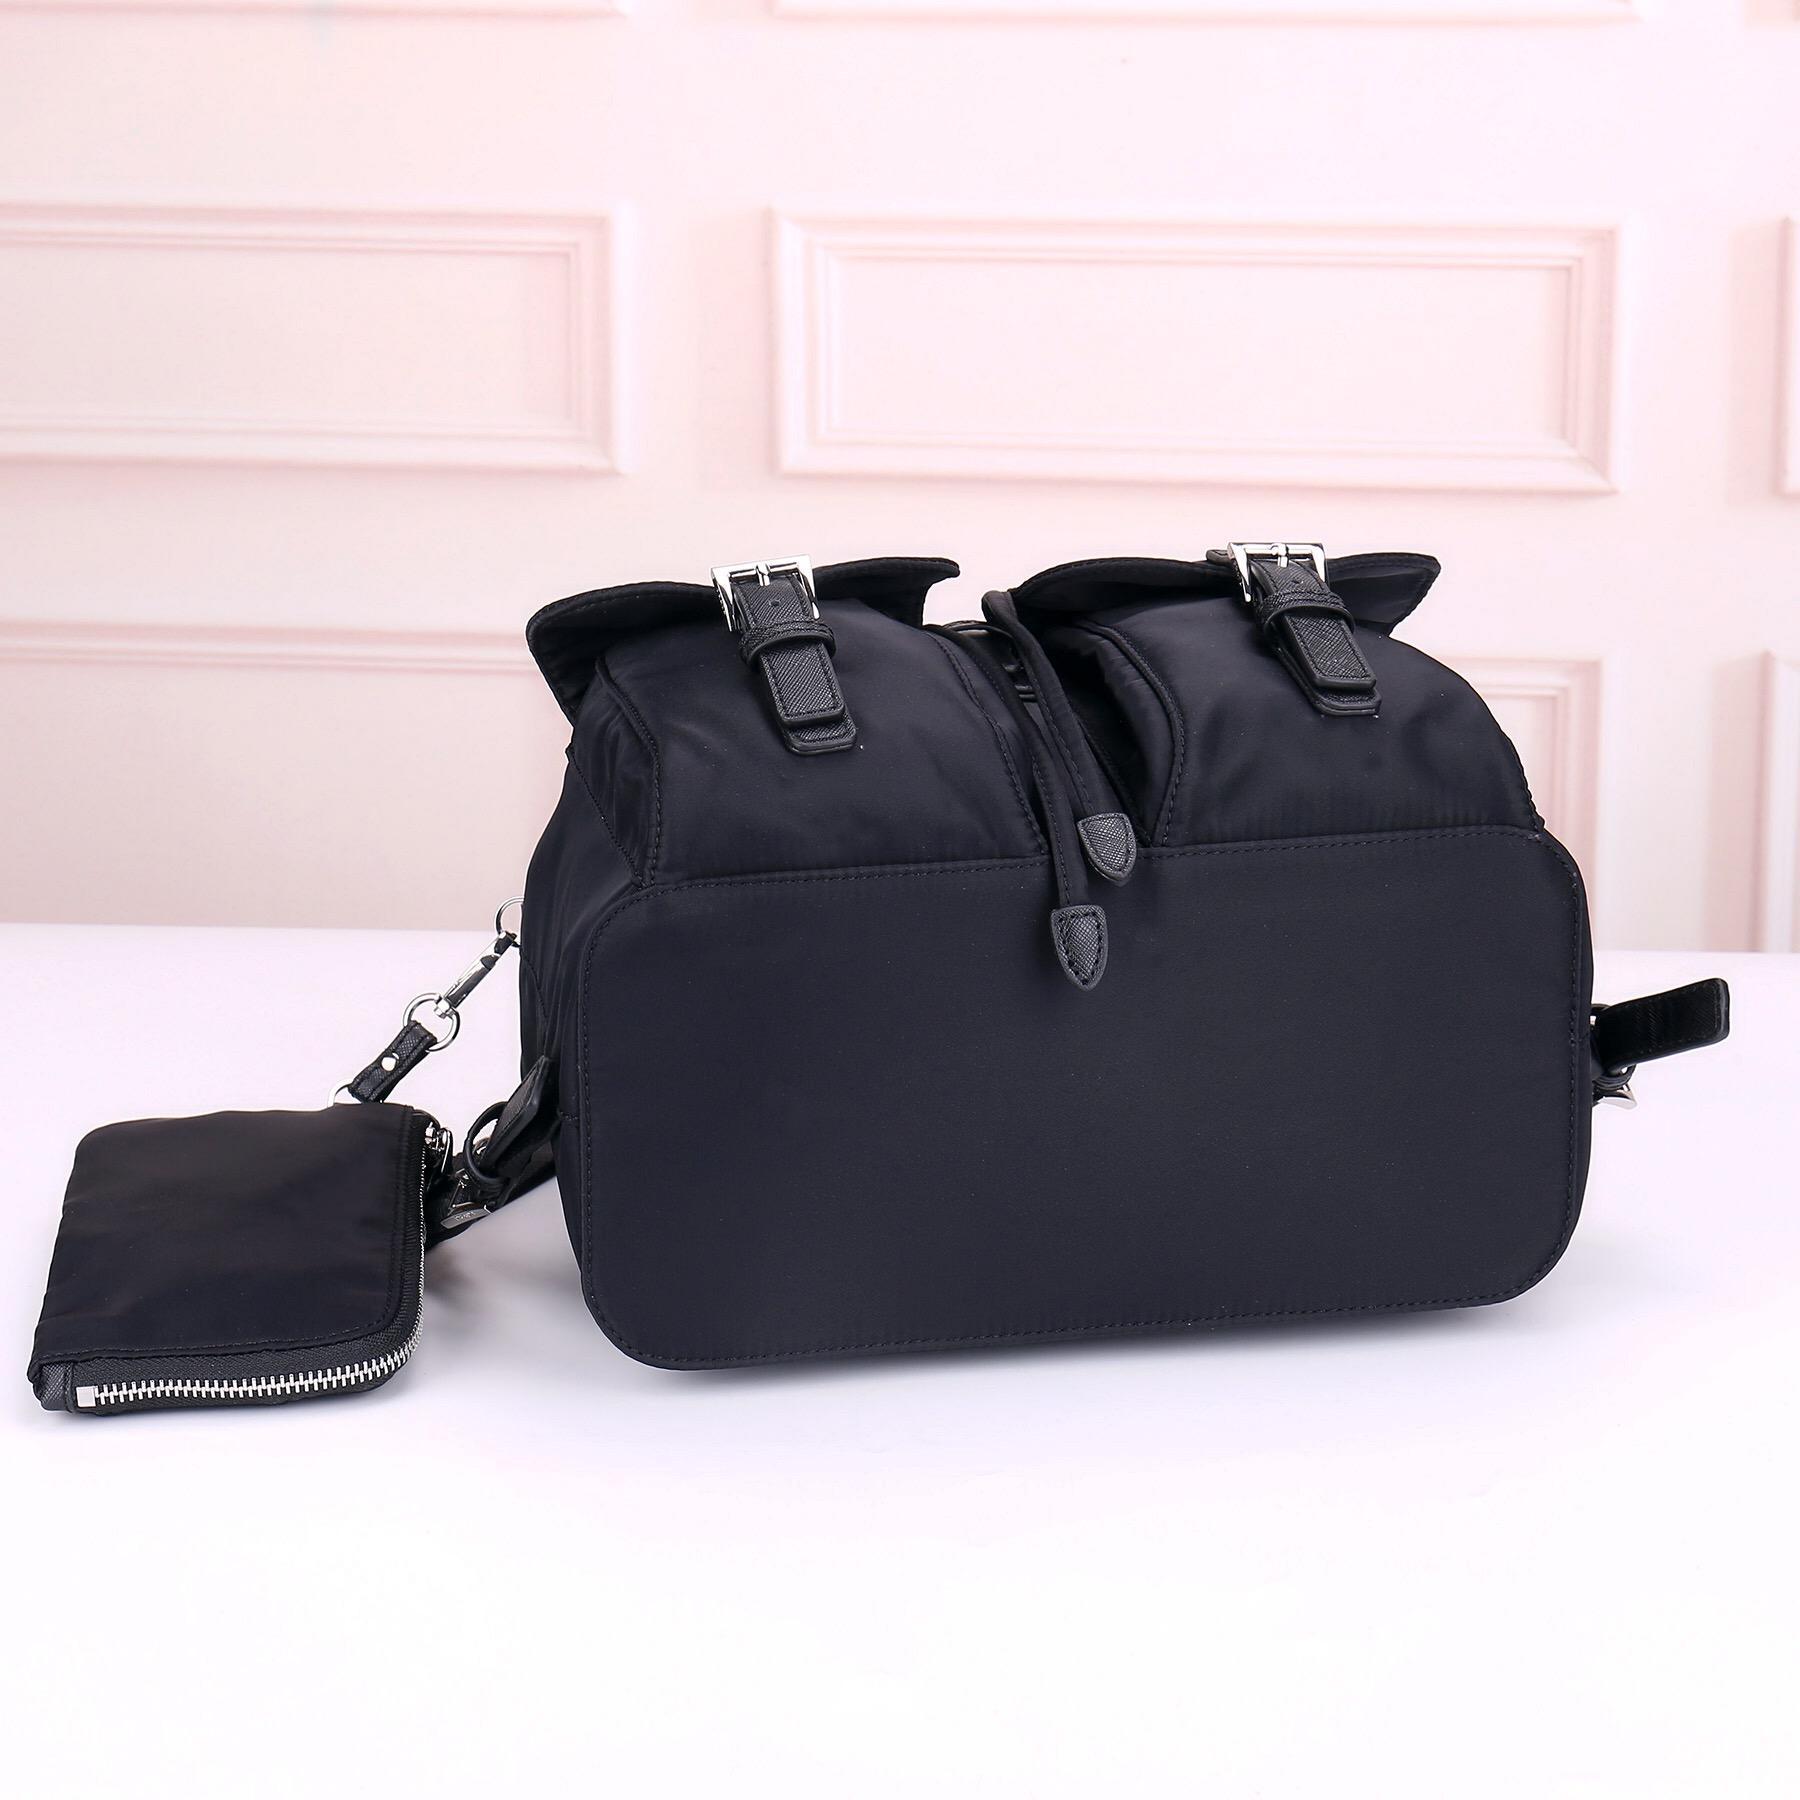 Großhandel Mode Parachute Rucksack Frauen Zurück Für Packung Männer Umhängetasche Klassische Handtasche Messenger Canvas Fab CLTWI